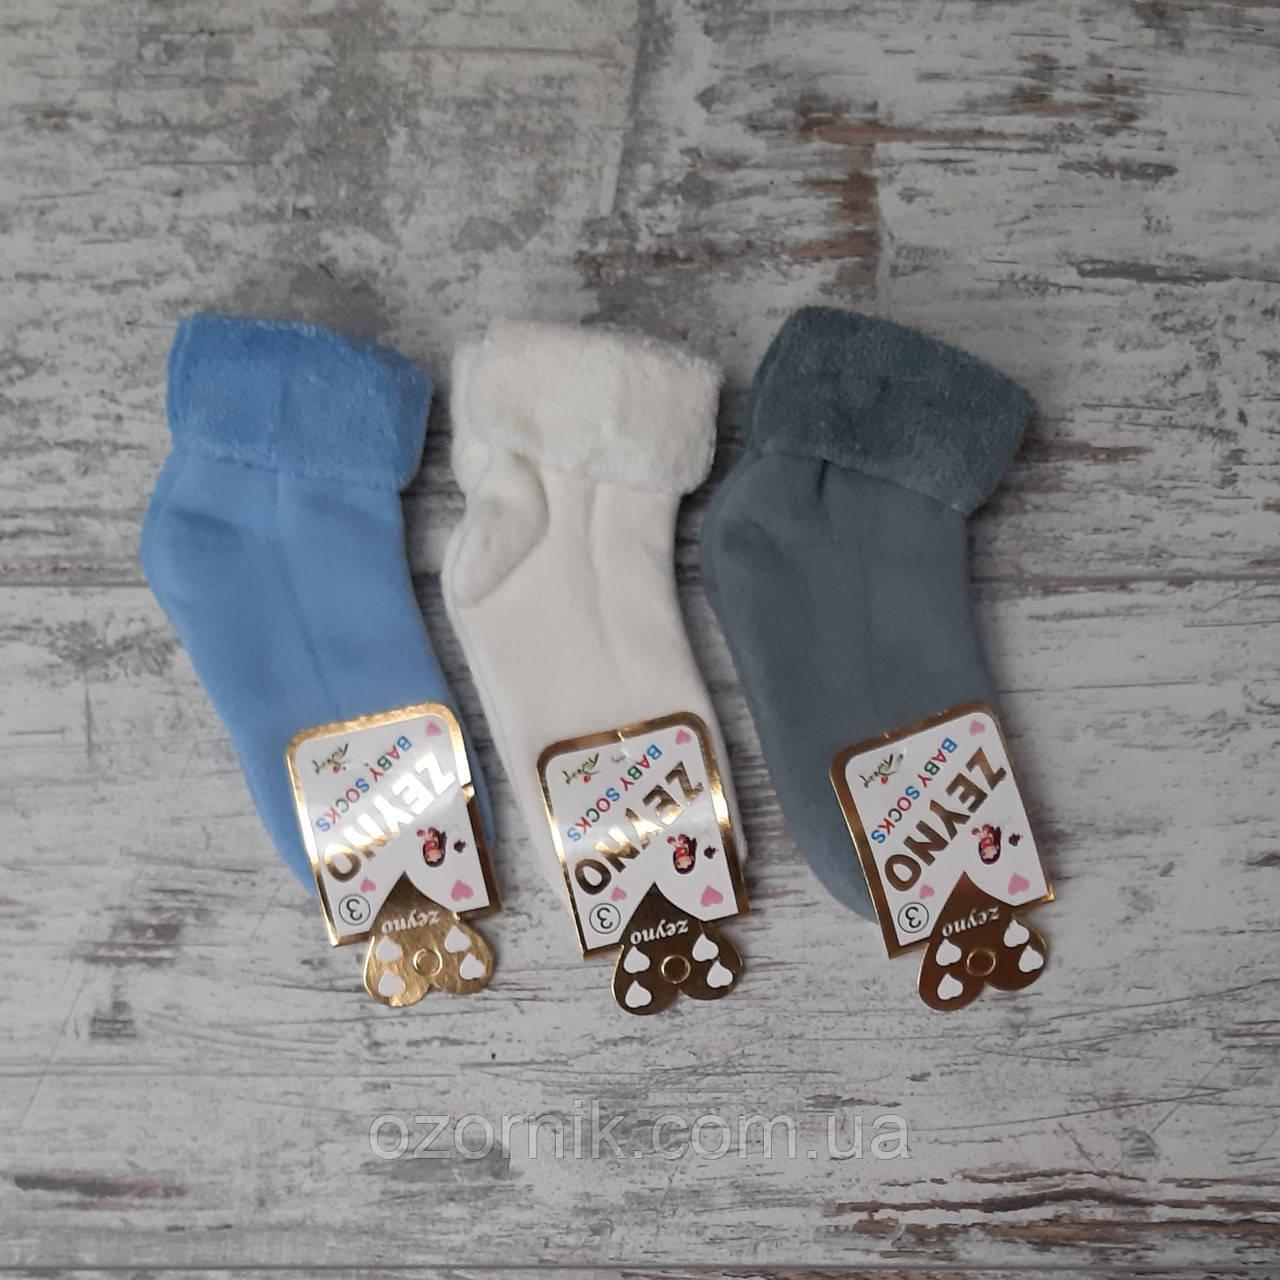 Оптом Якісні Дитячі Шкарпетки 0-3 роки